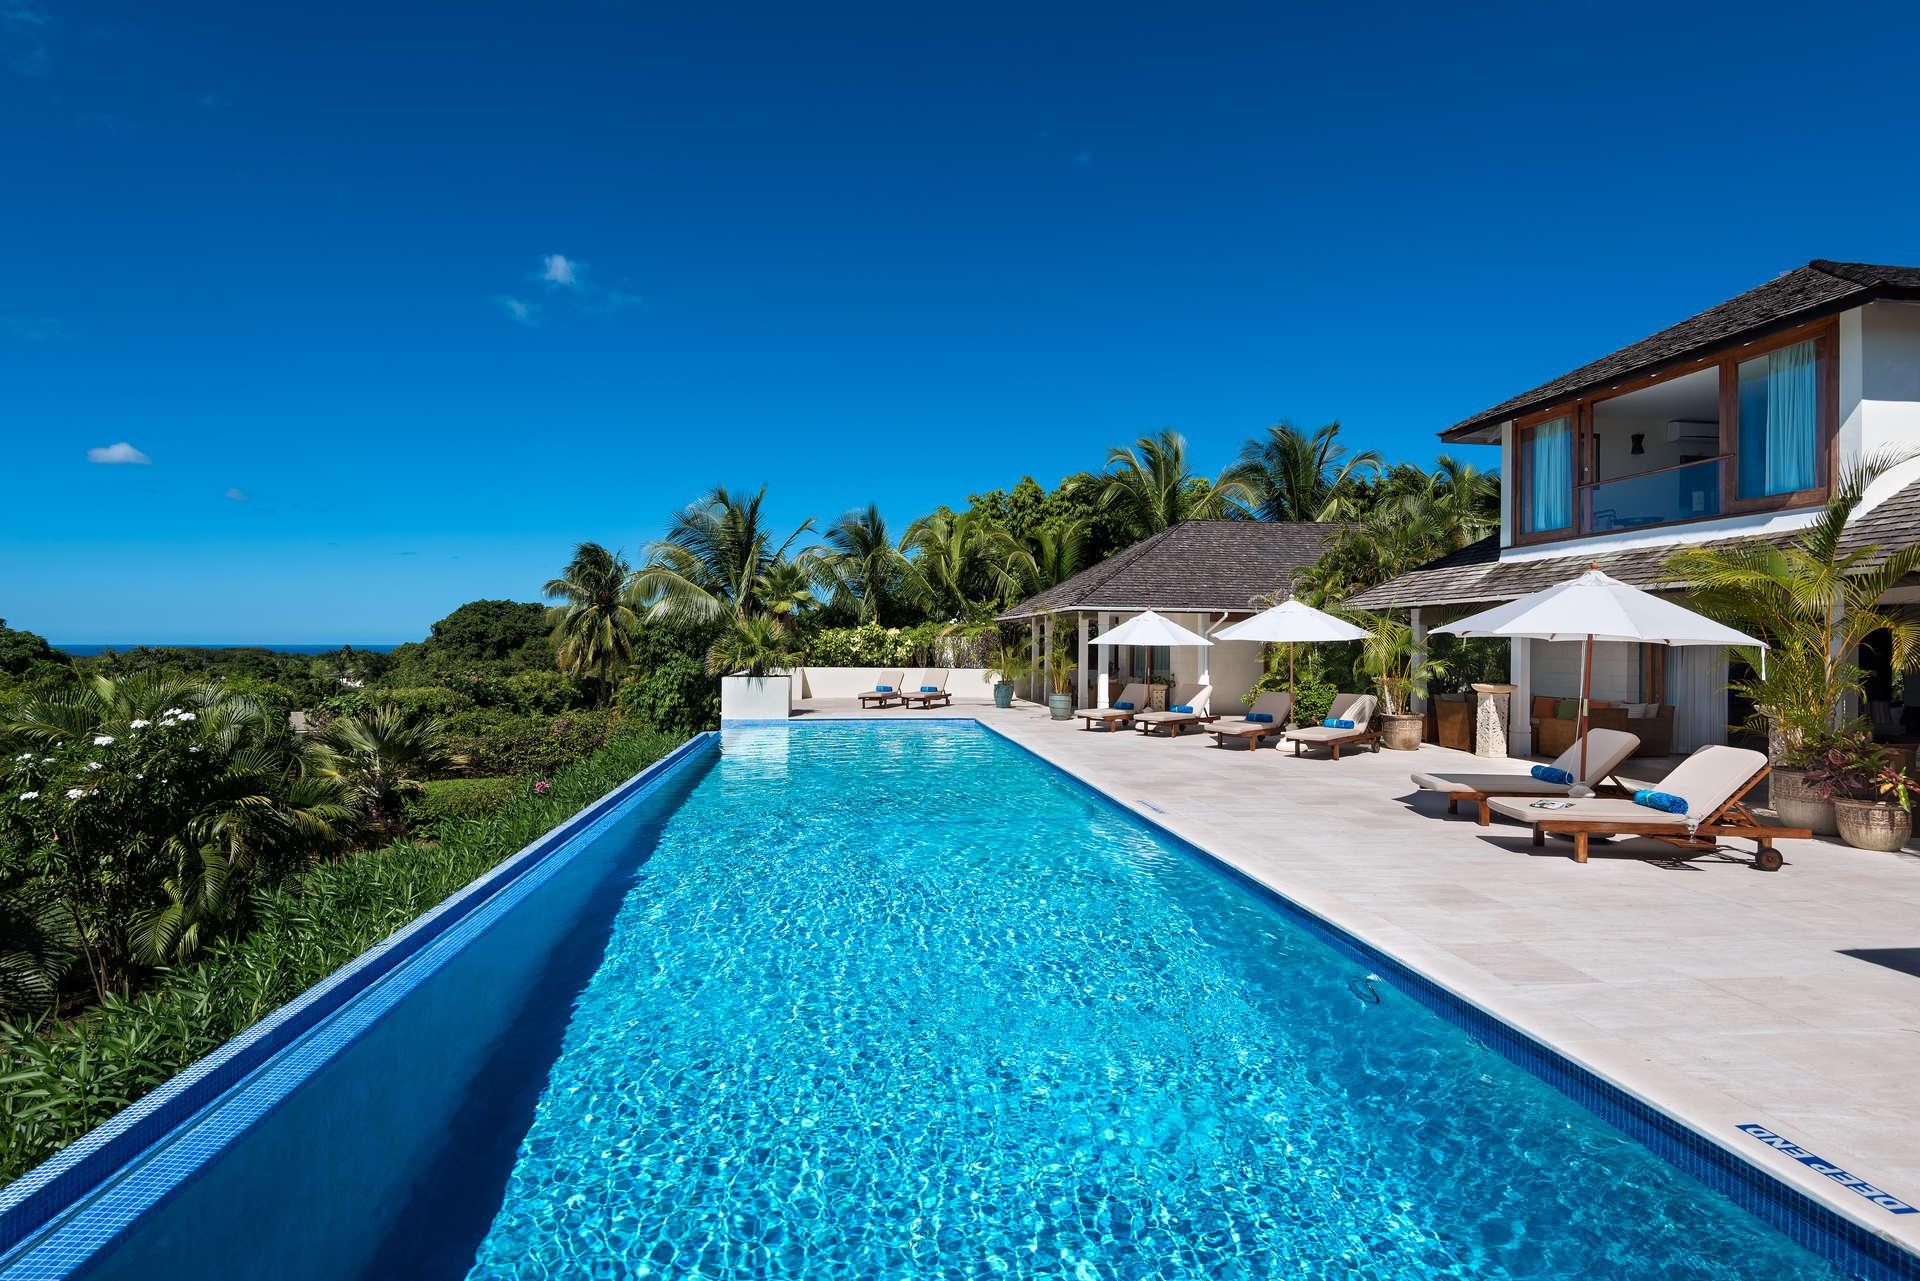 Luxury villa rentals caribbean - Barbados - St james - Westmoreland barbados - Tom Tom - Image 1/24